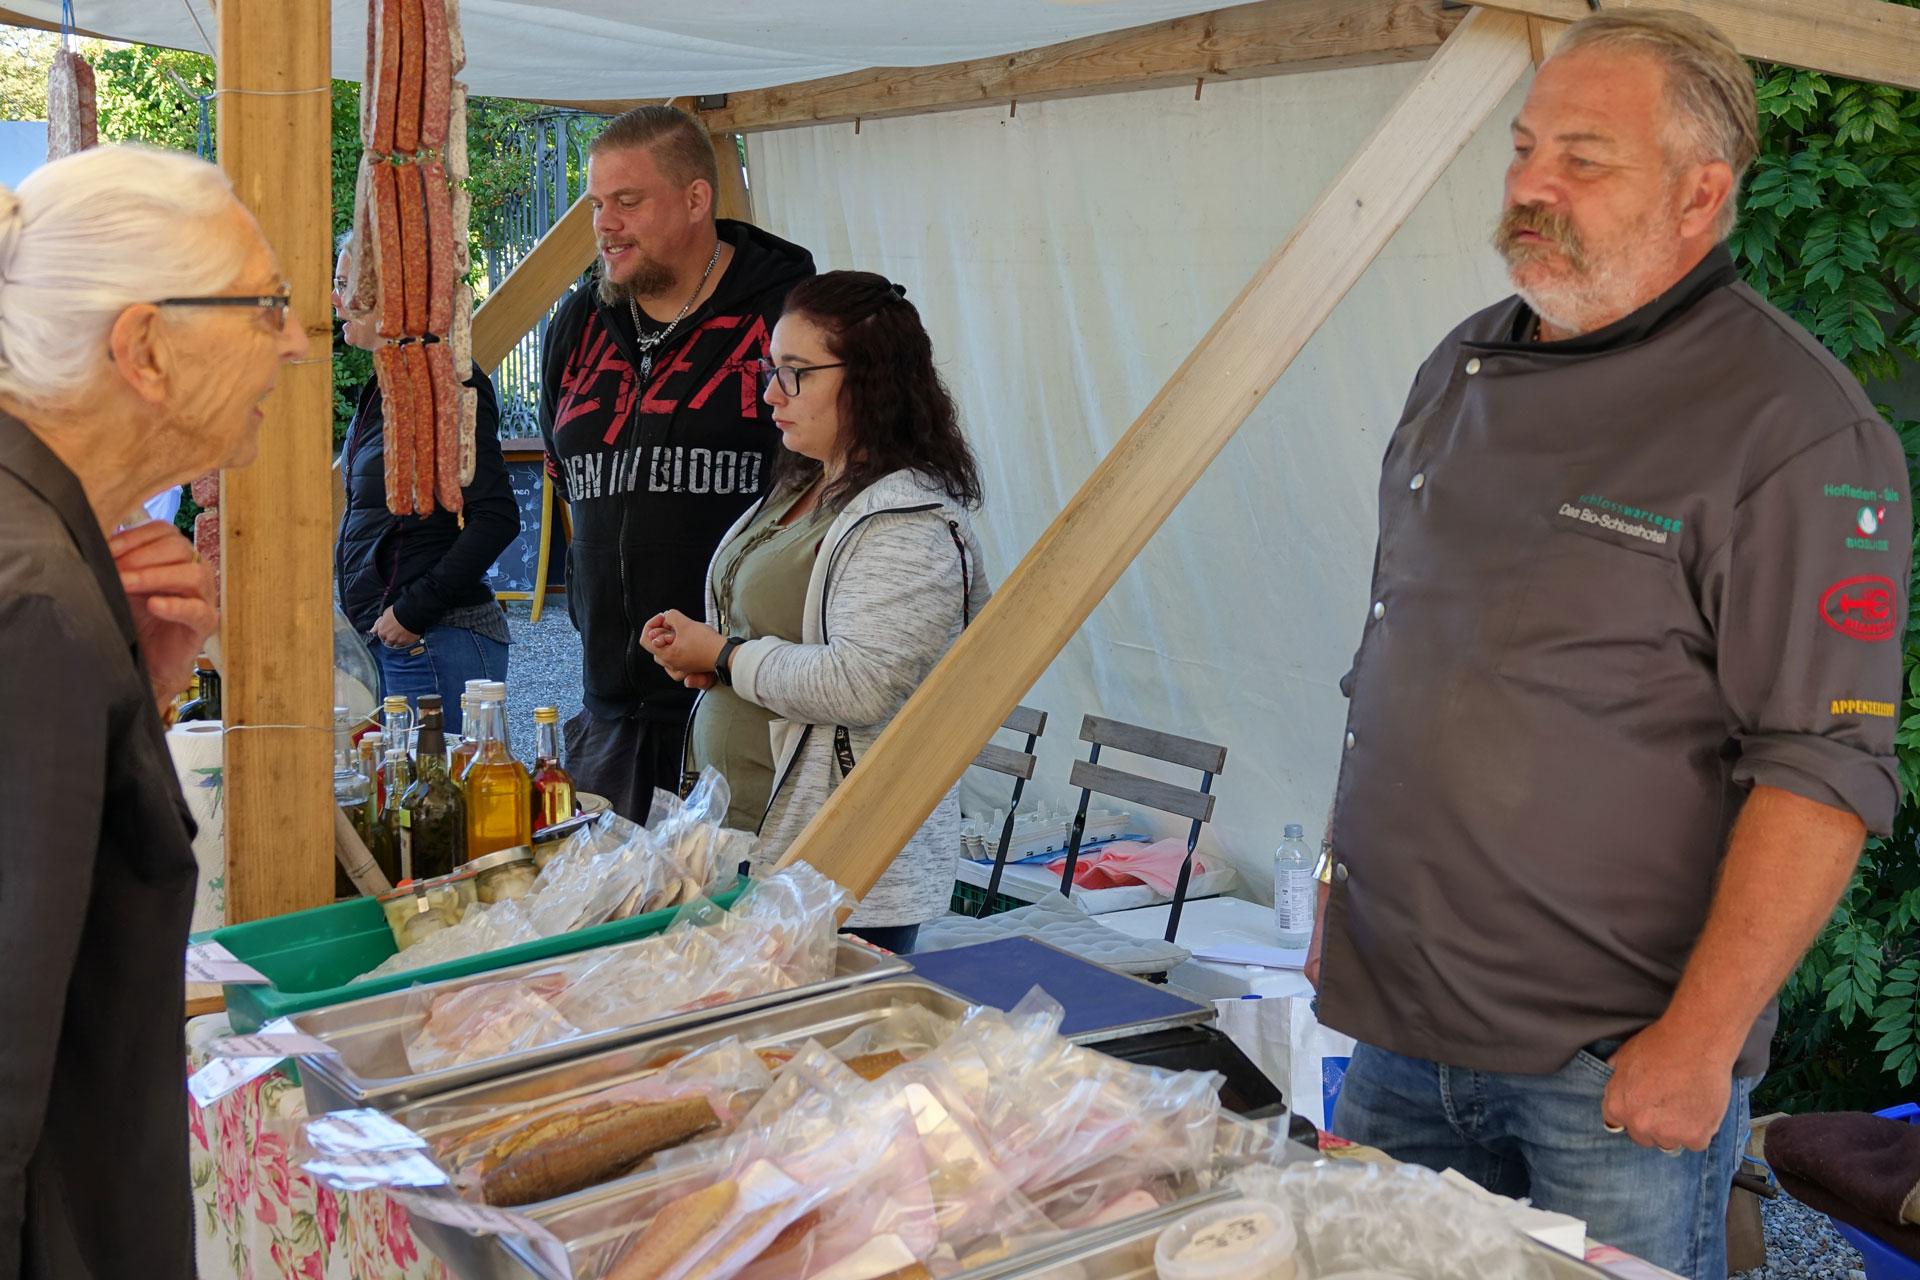 Wartegg_HerbstmarktFest2019_06.JPG